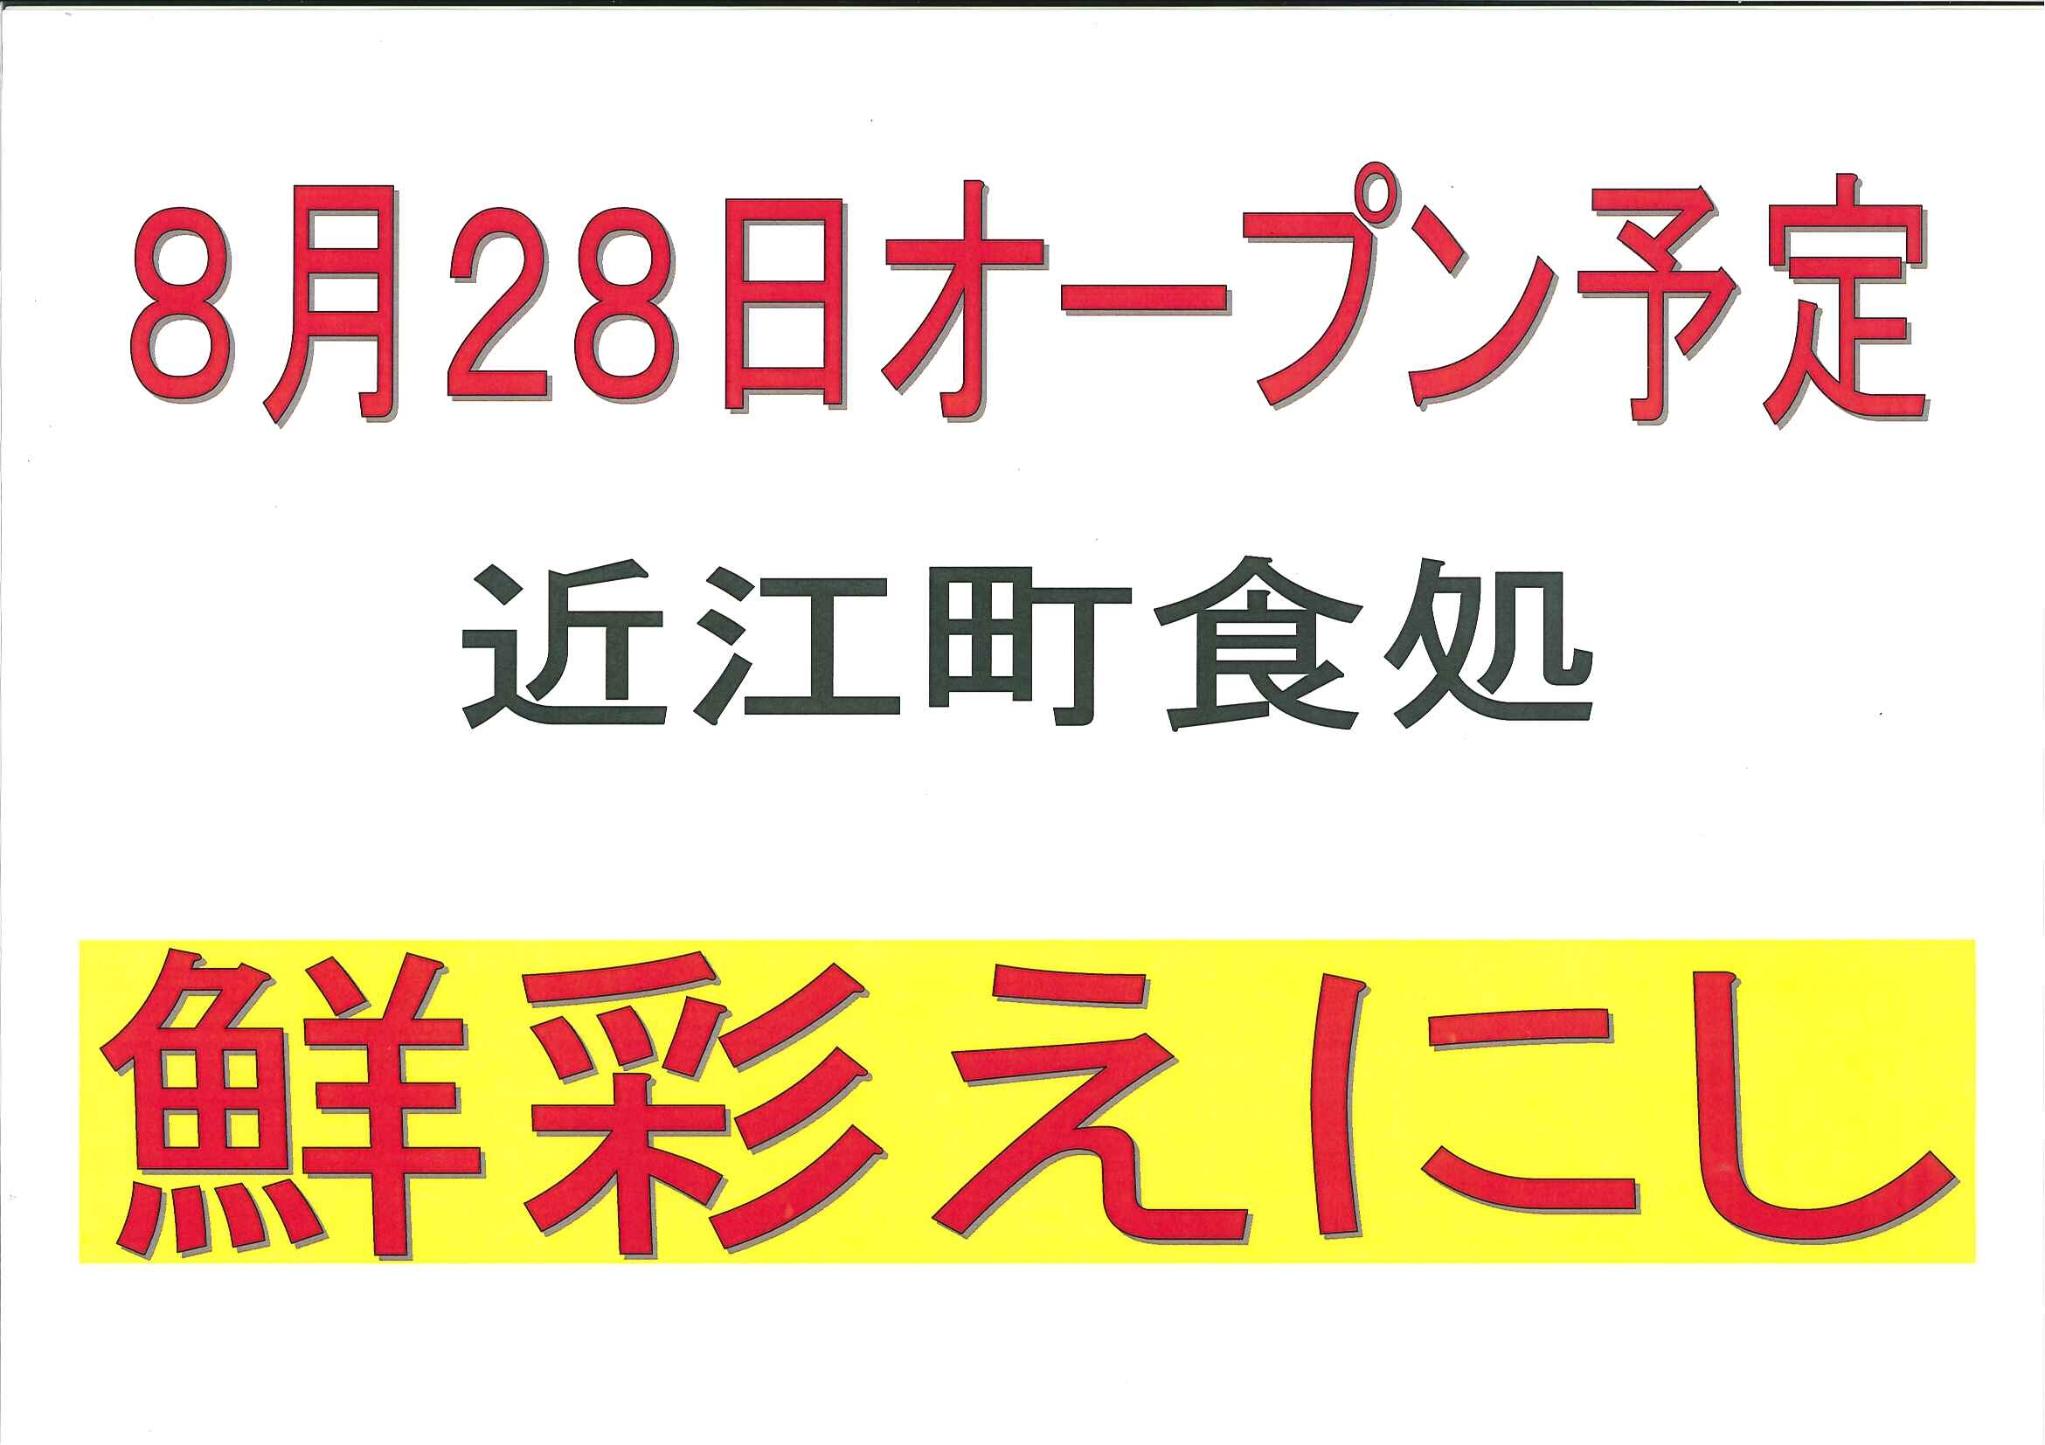 8月28日オープン予定 近江町食処 鮮彩えにし